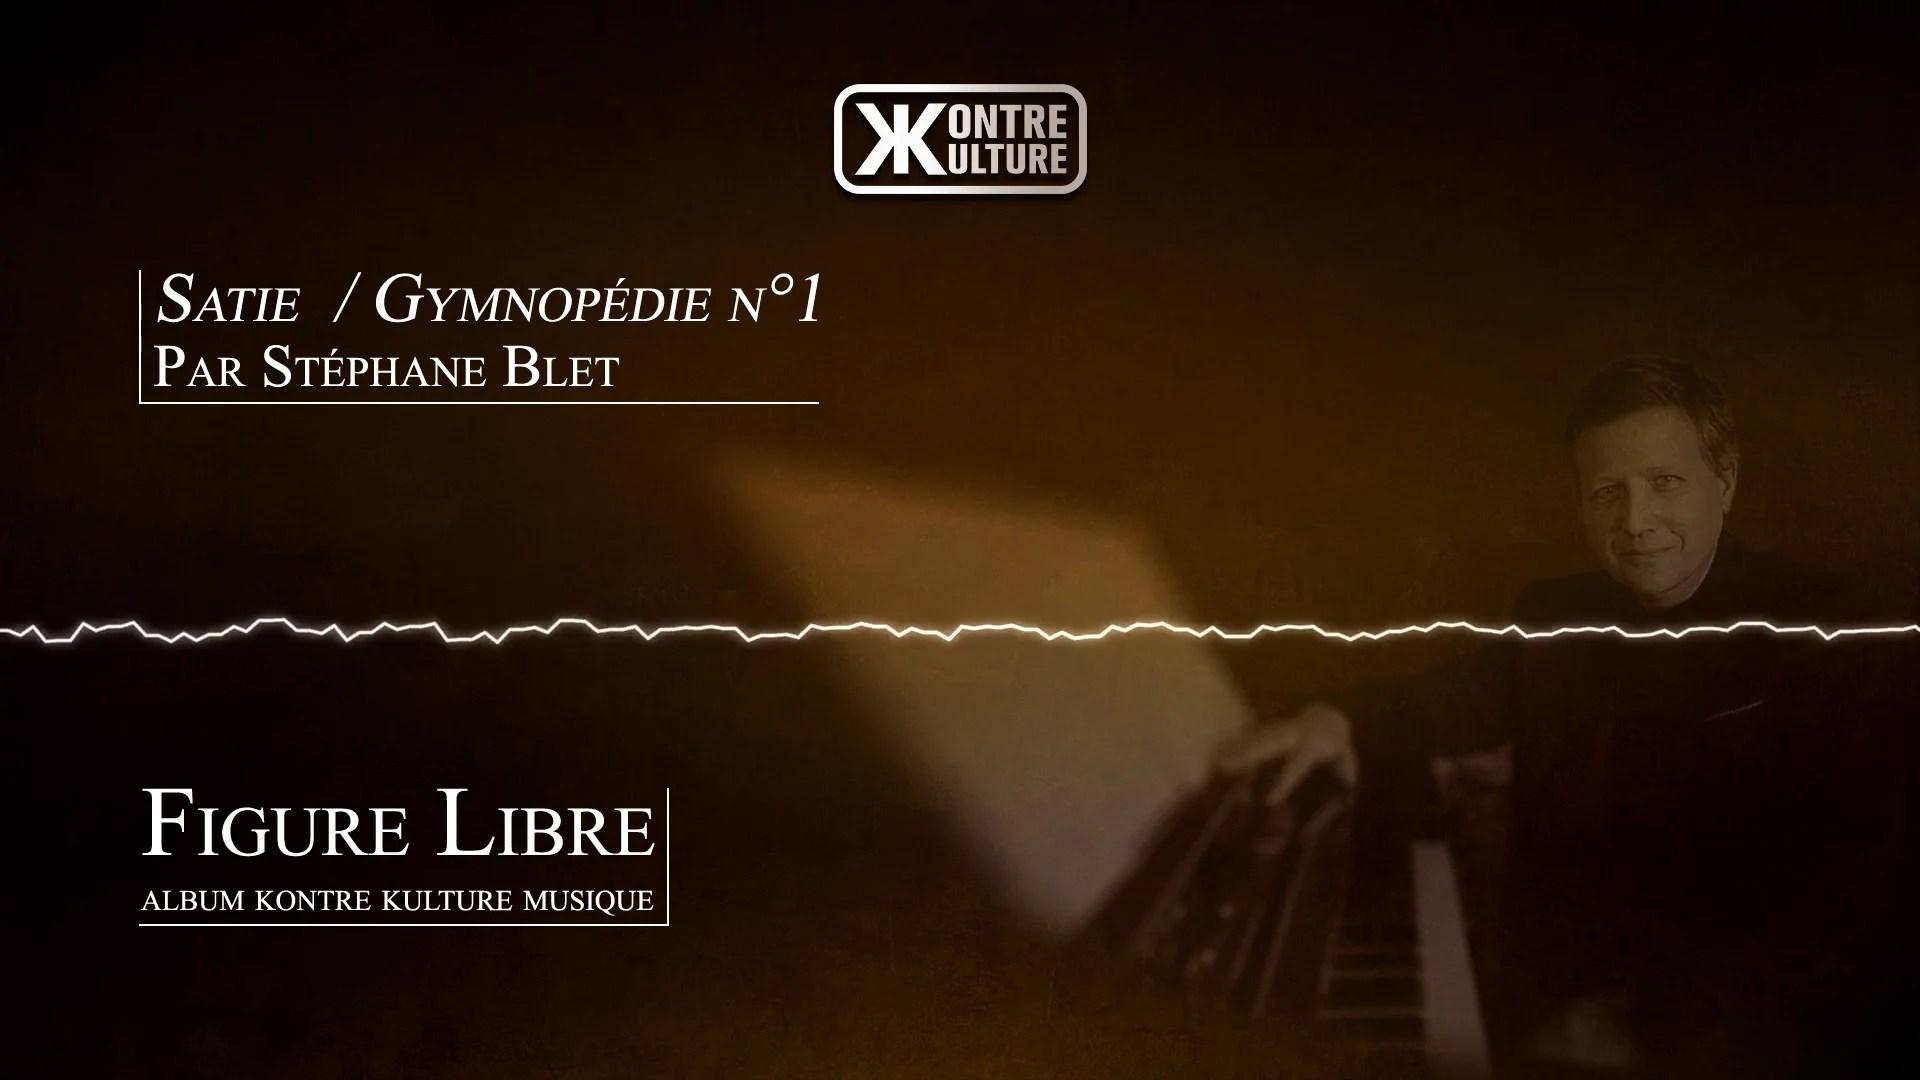 Kontre Kulture musique présente Gymnopédie n°1 de Satie par Stéphane Blet